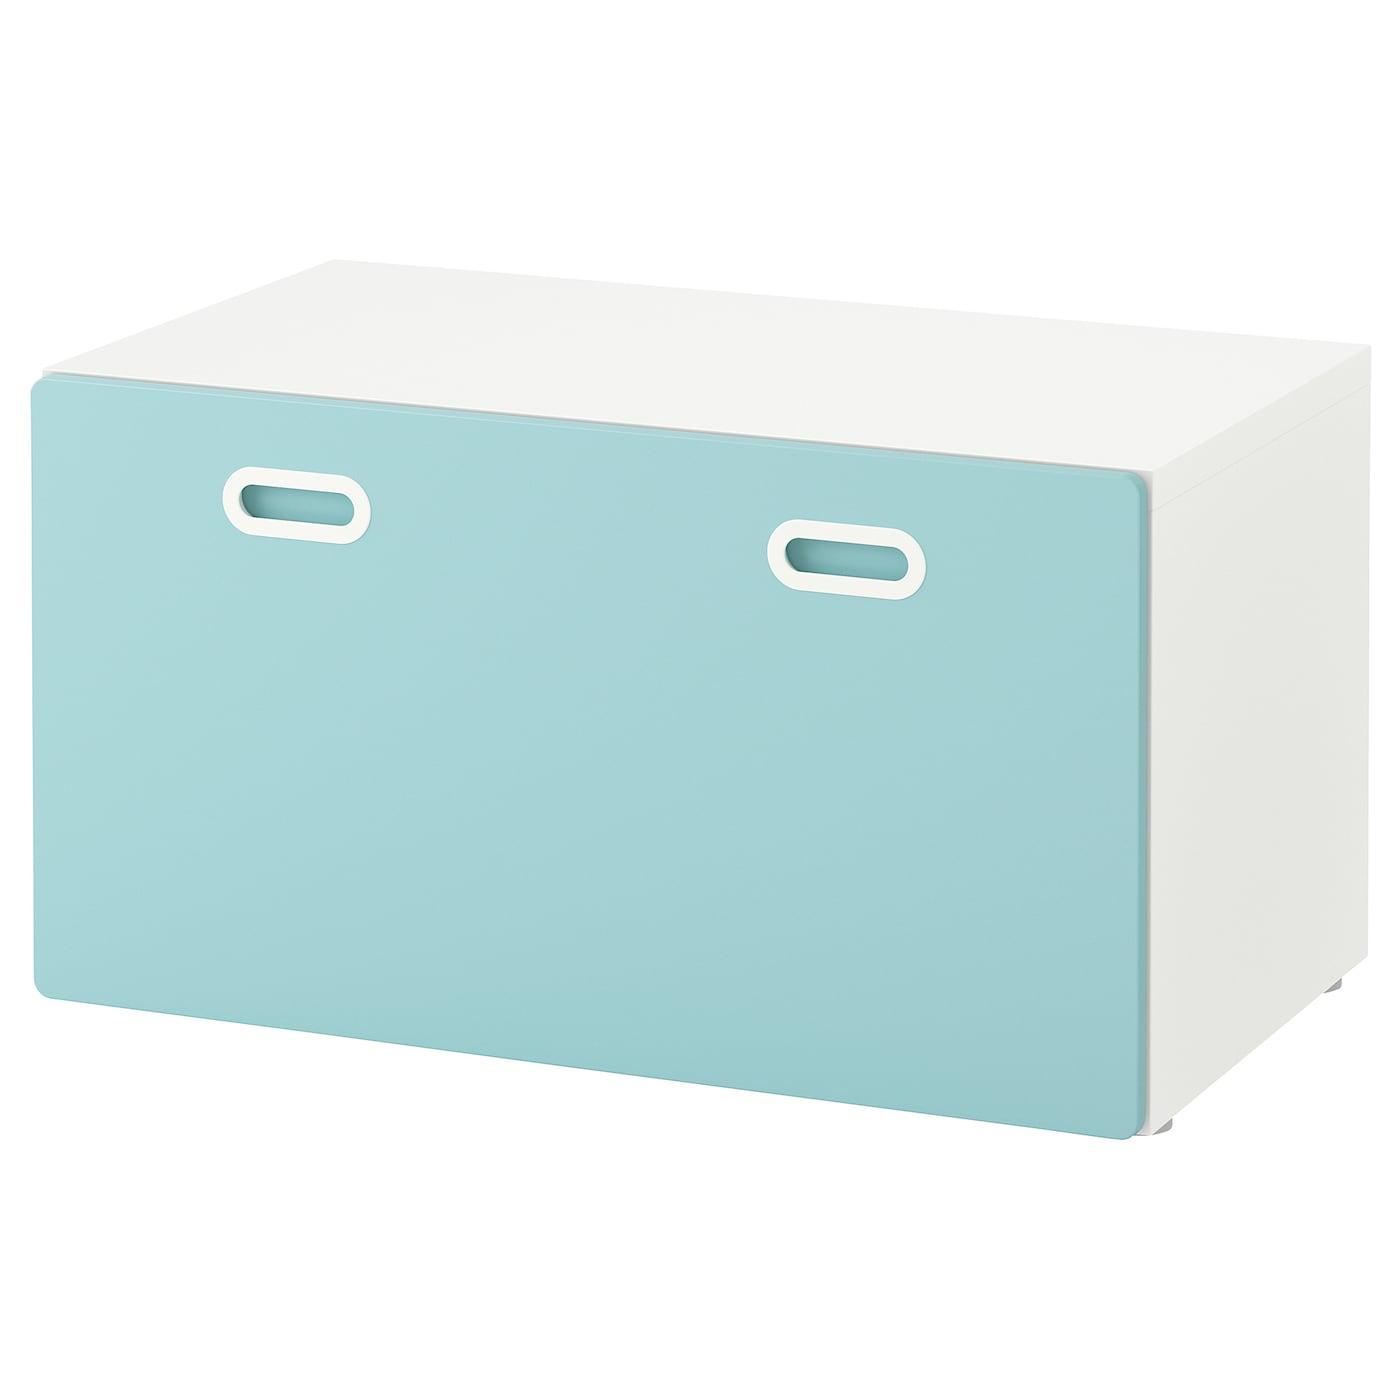 IKEA ストゥヴァ / フリーティズ ベンチ おもちゃ収納付き